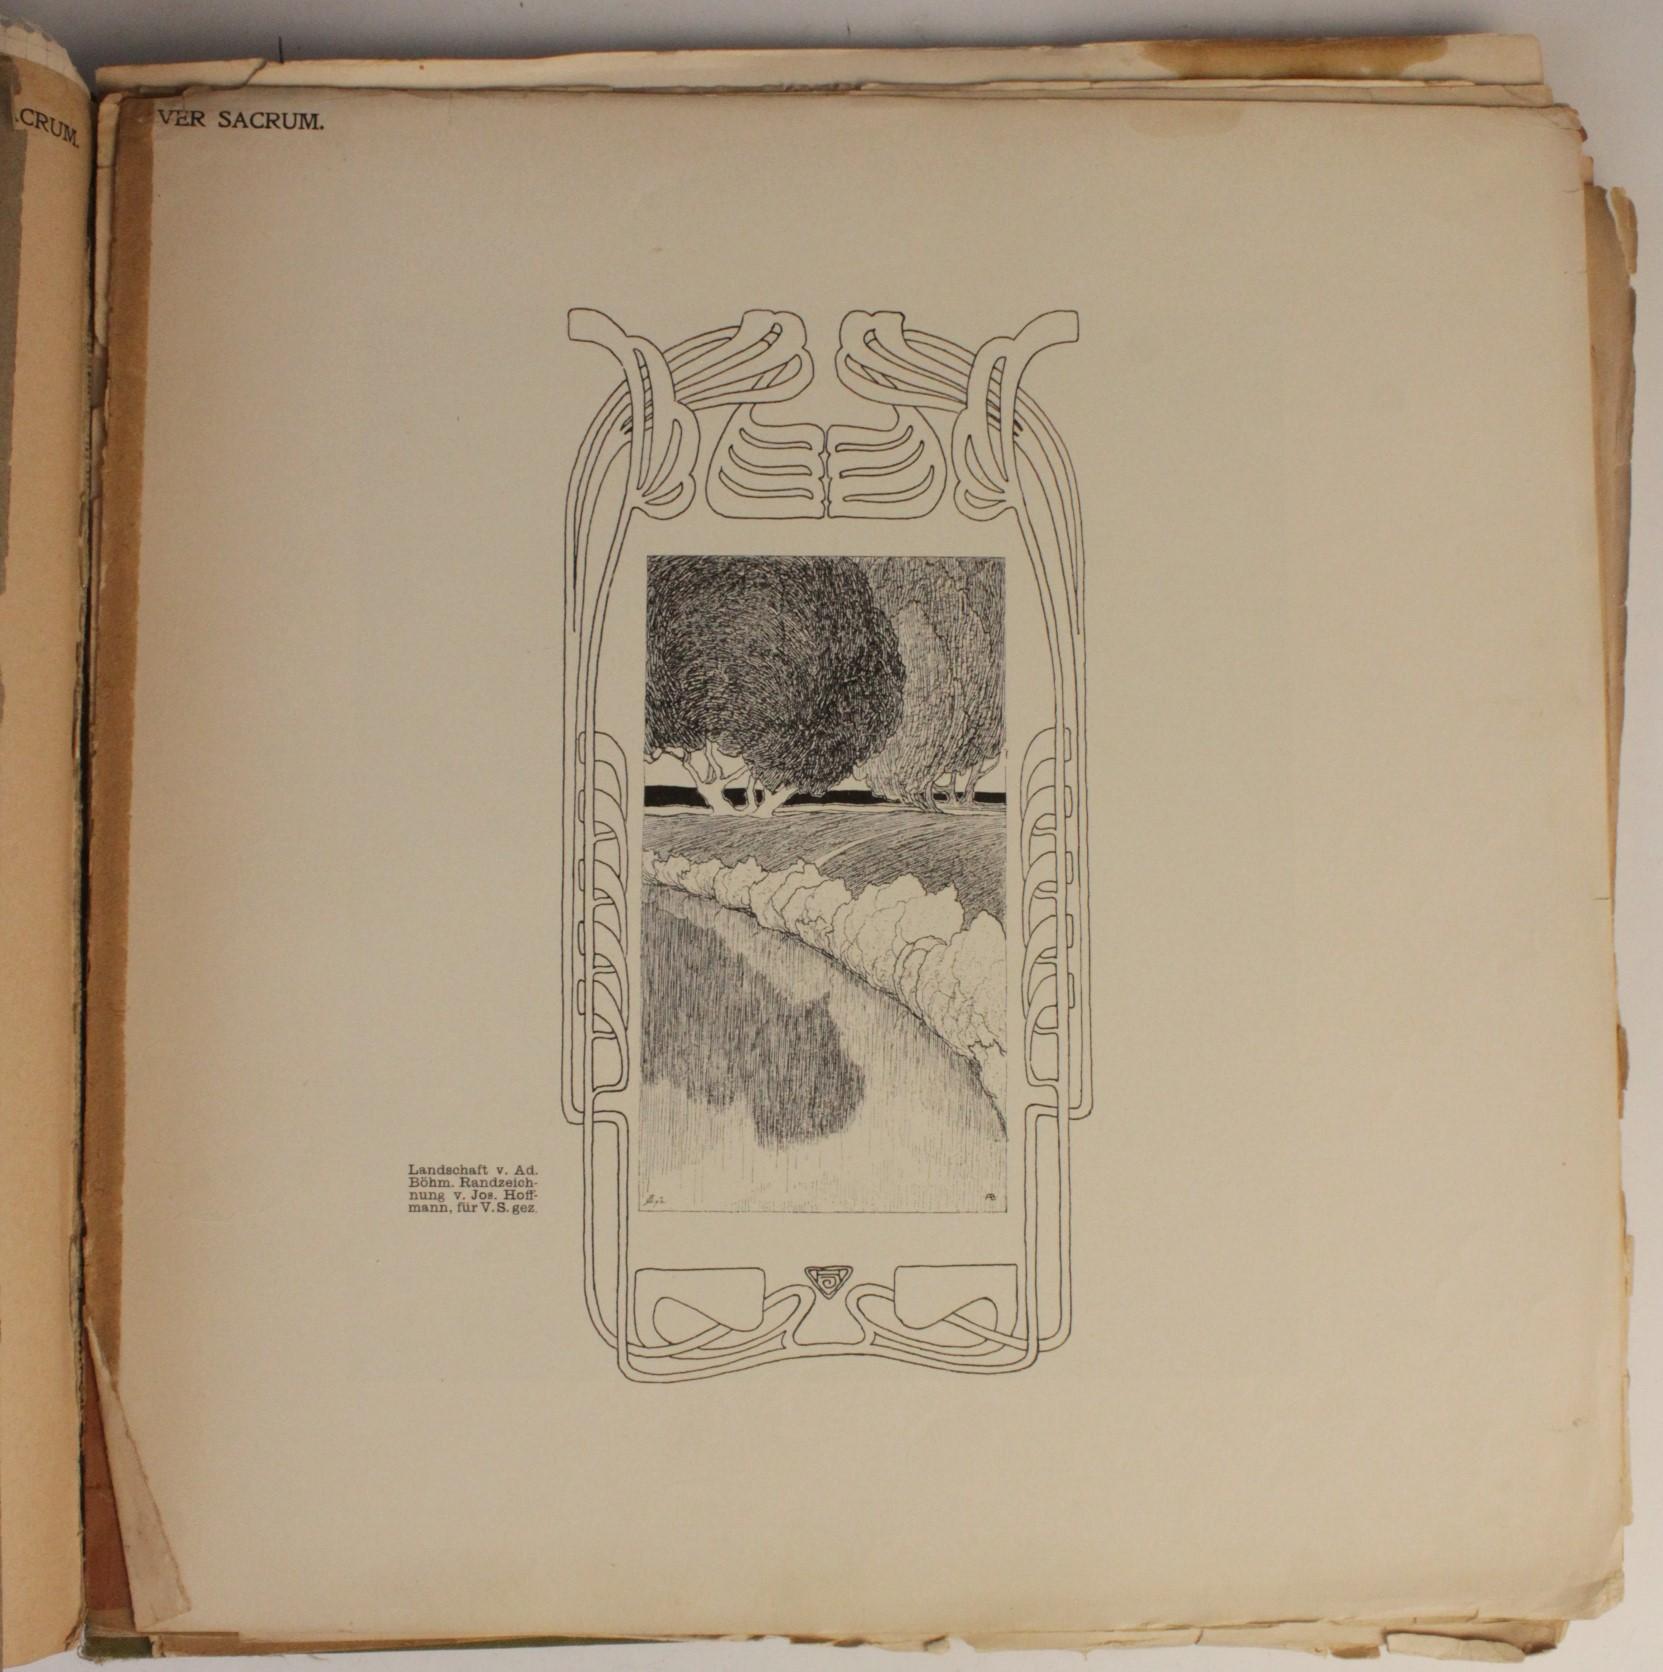 VER SACRUM, ORGAN DER JEREINIGUNG BILDENDER KUENSTLER OSTERREICHS [ORGAN OF THE PURIFICATION OF - Image 15 of 16